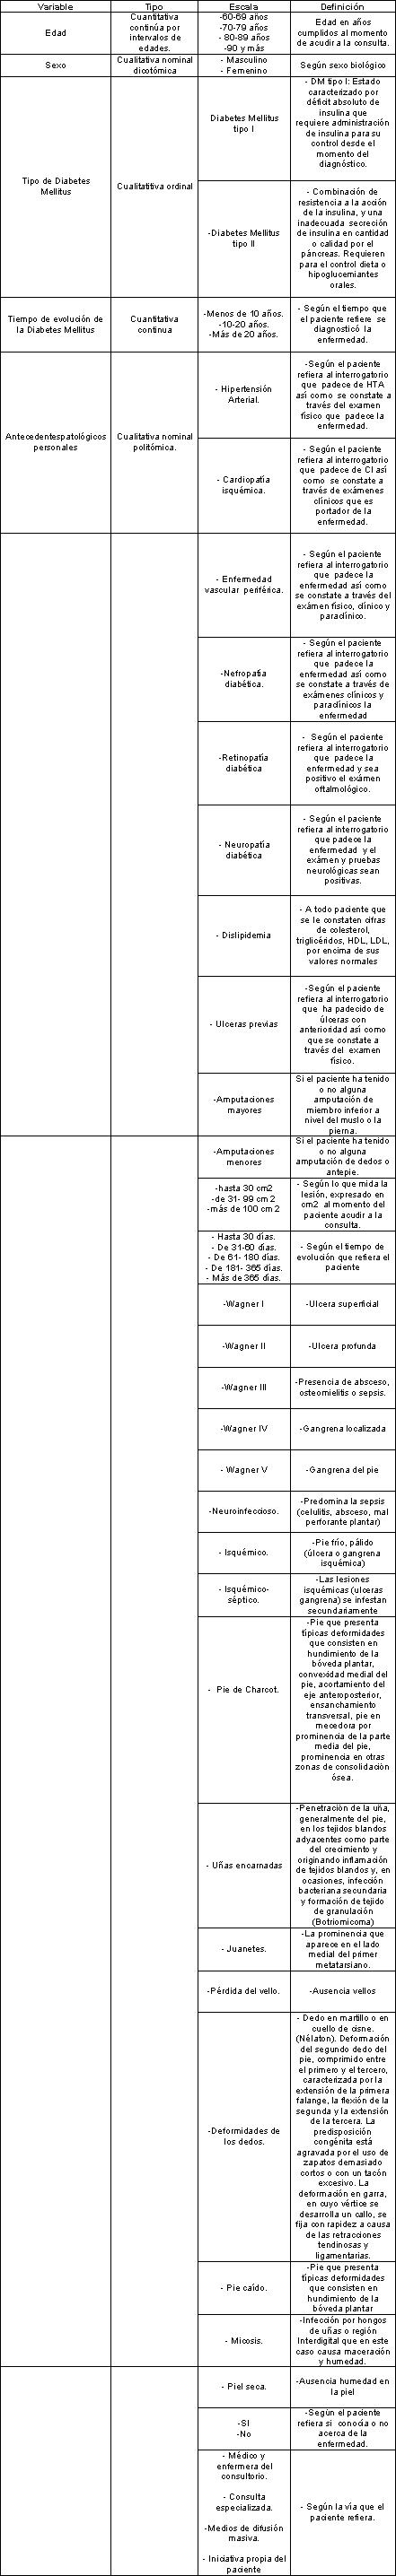 pie_diabetico_anciano/operacionalezacion_variables